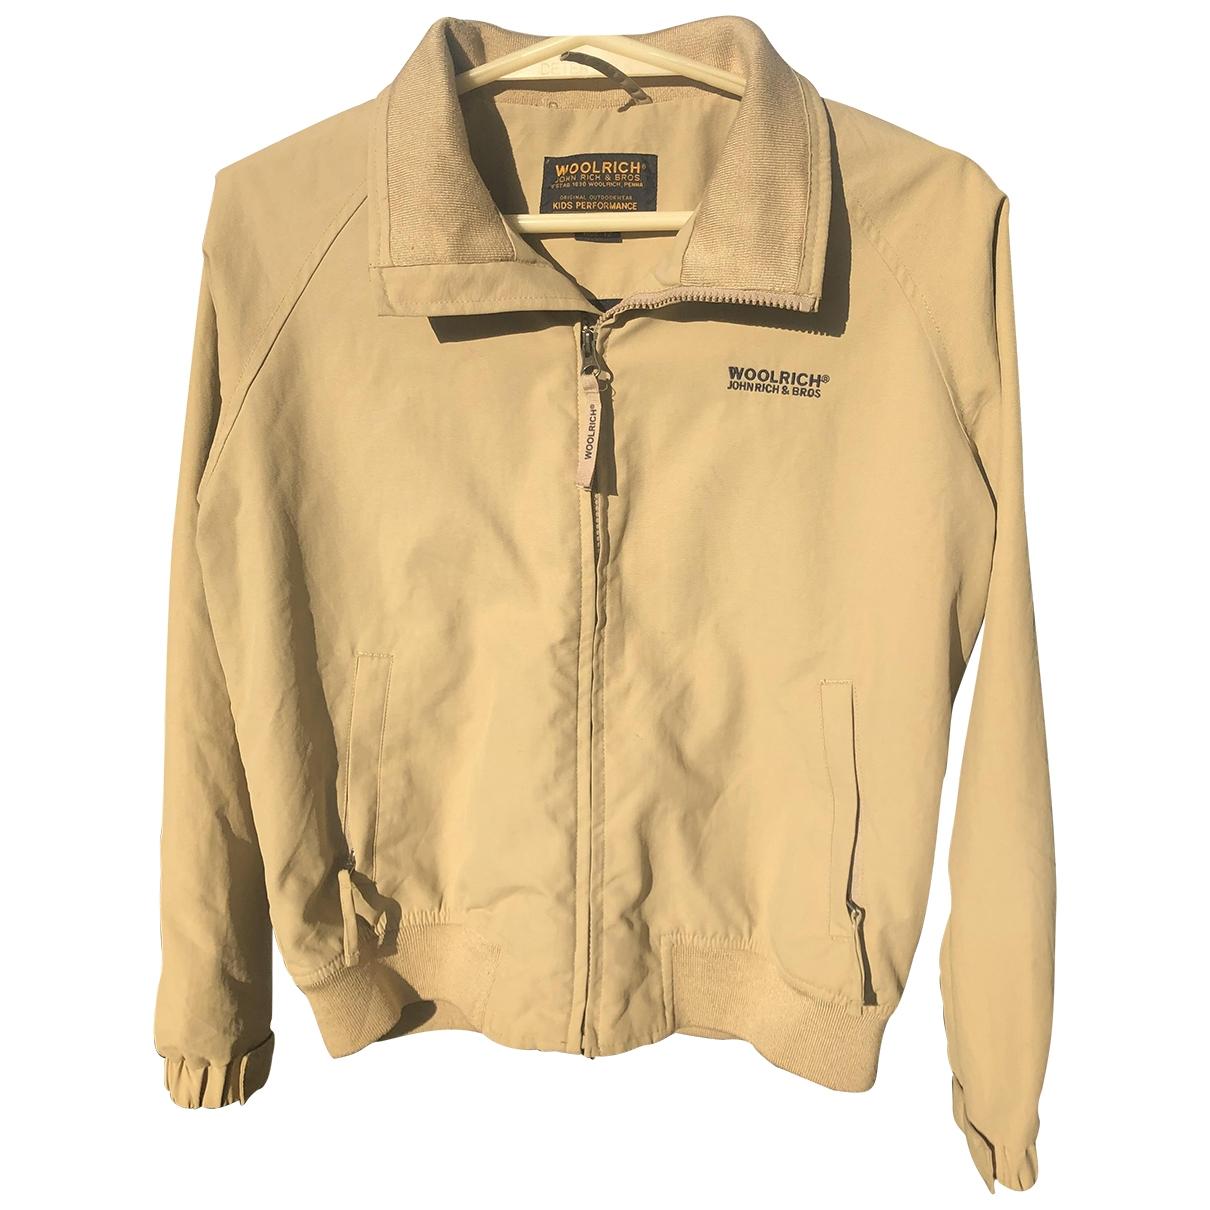 Woolrich \N Beige jacket & coat for Kids 12 years - XS FR